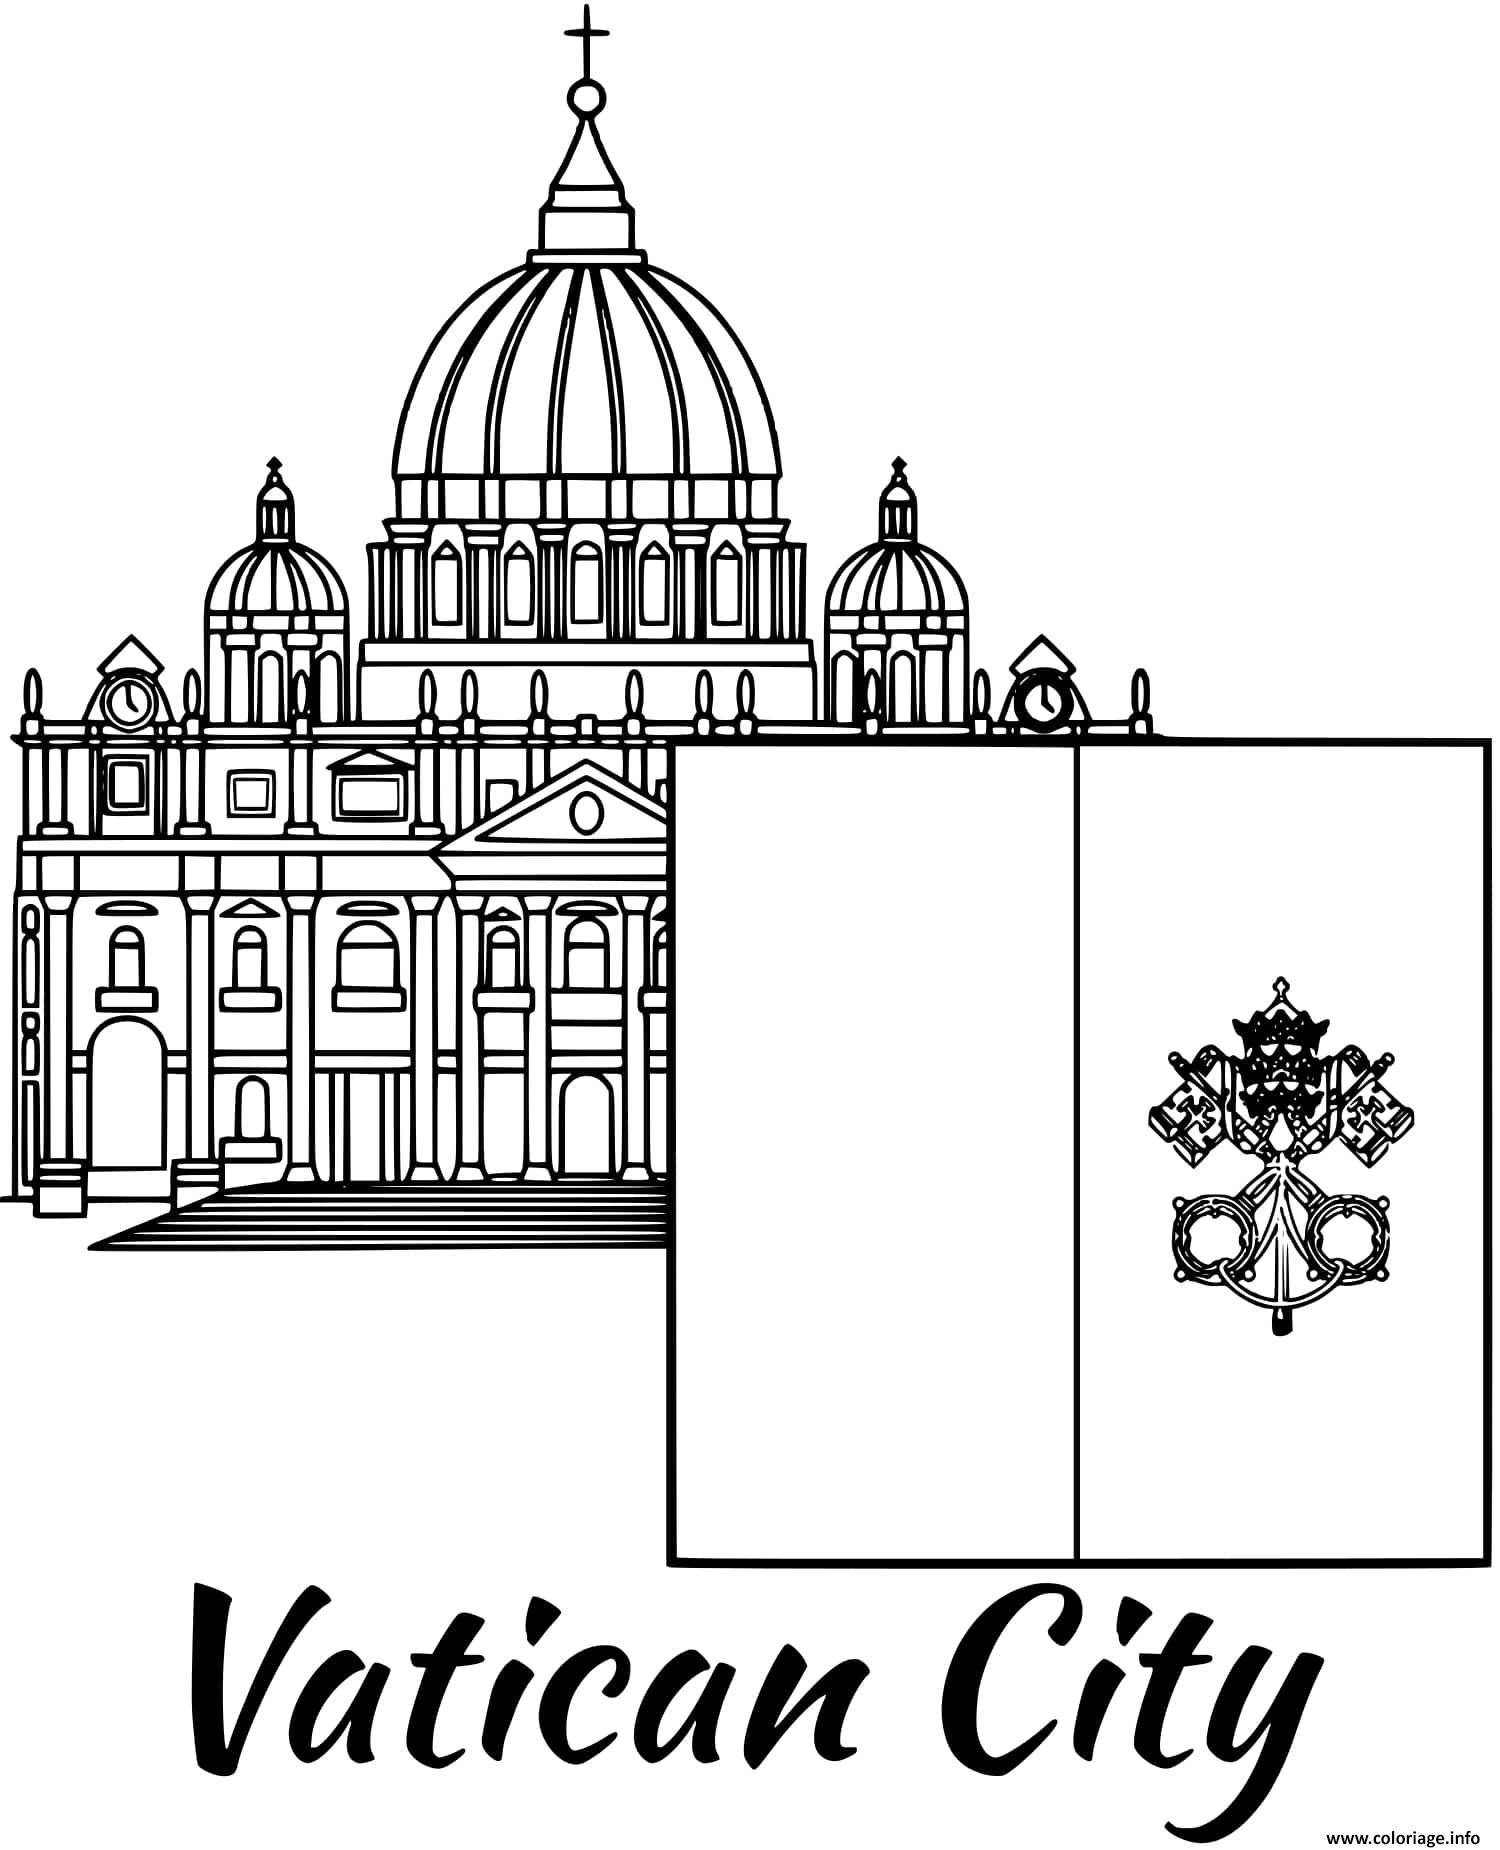 Dessin vatican drapeau st peters basilica Coloriage Gratuit à Imprimer